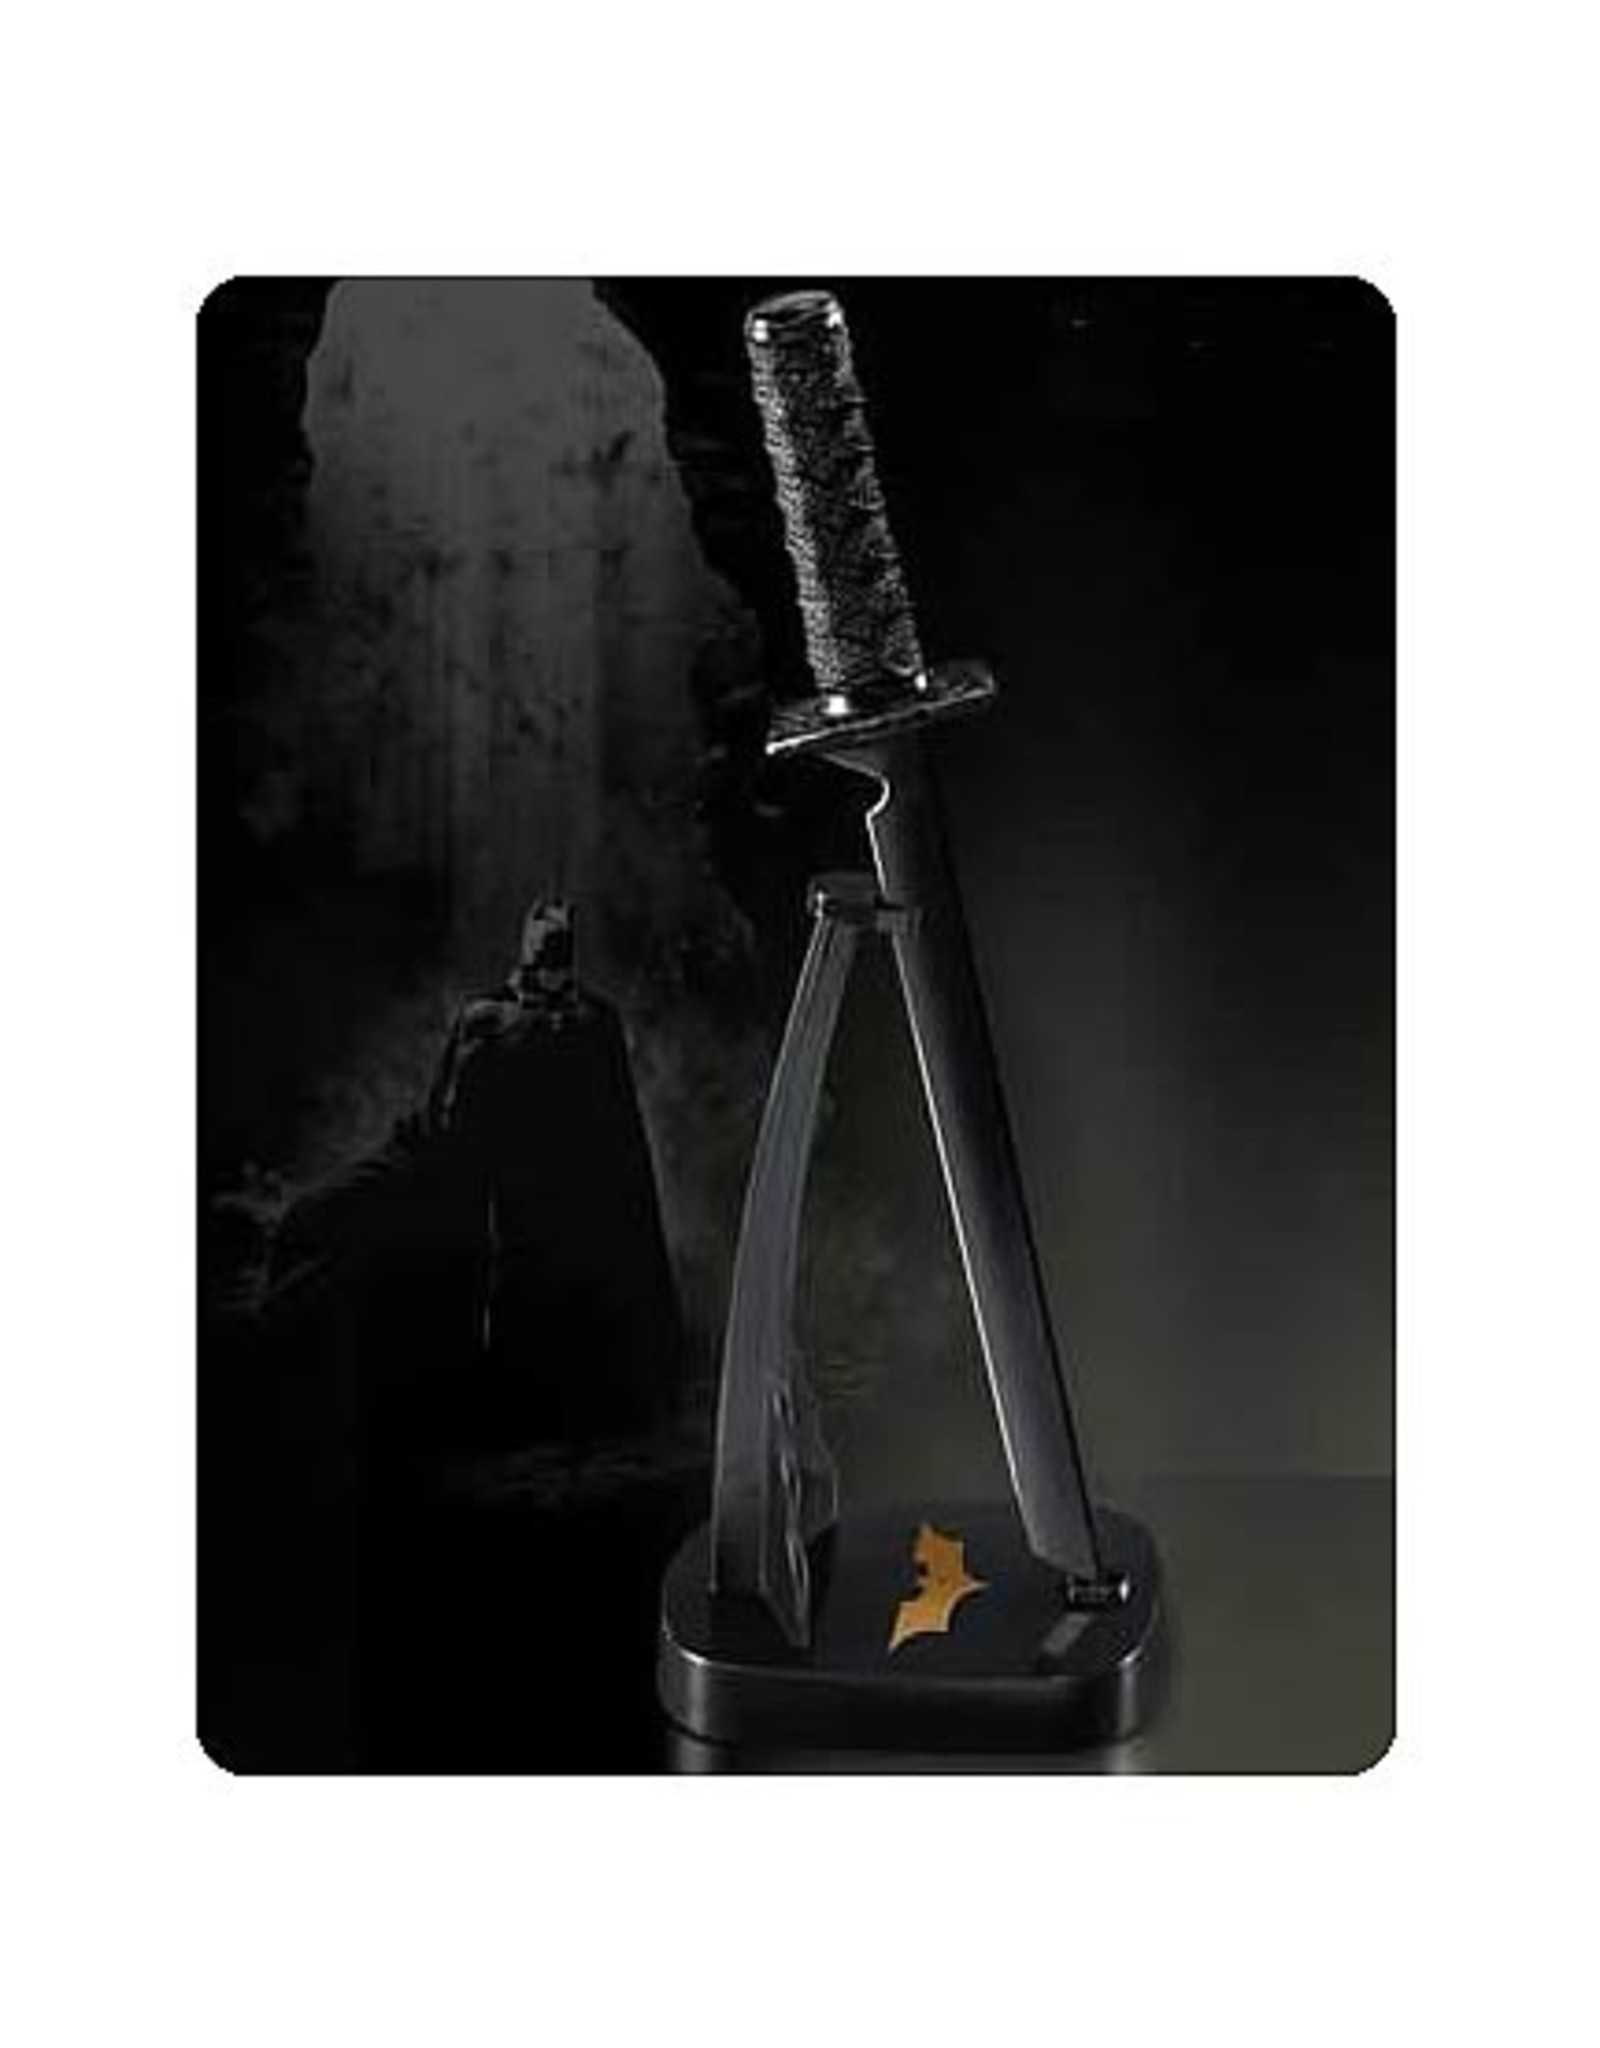 Noble Collection BATMAN Begins Ninja Sword Letter Opener